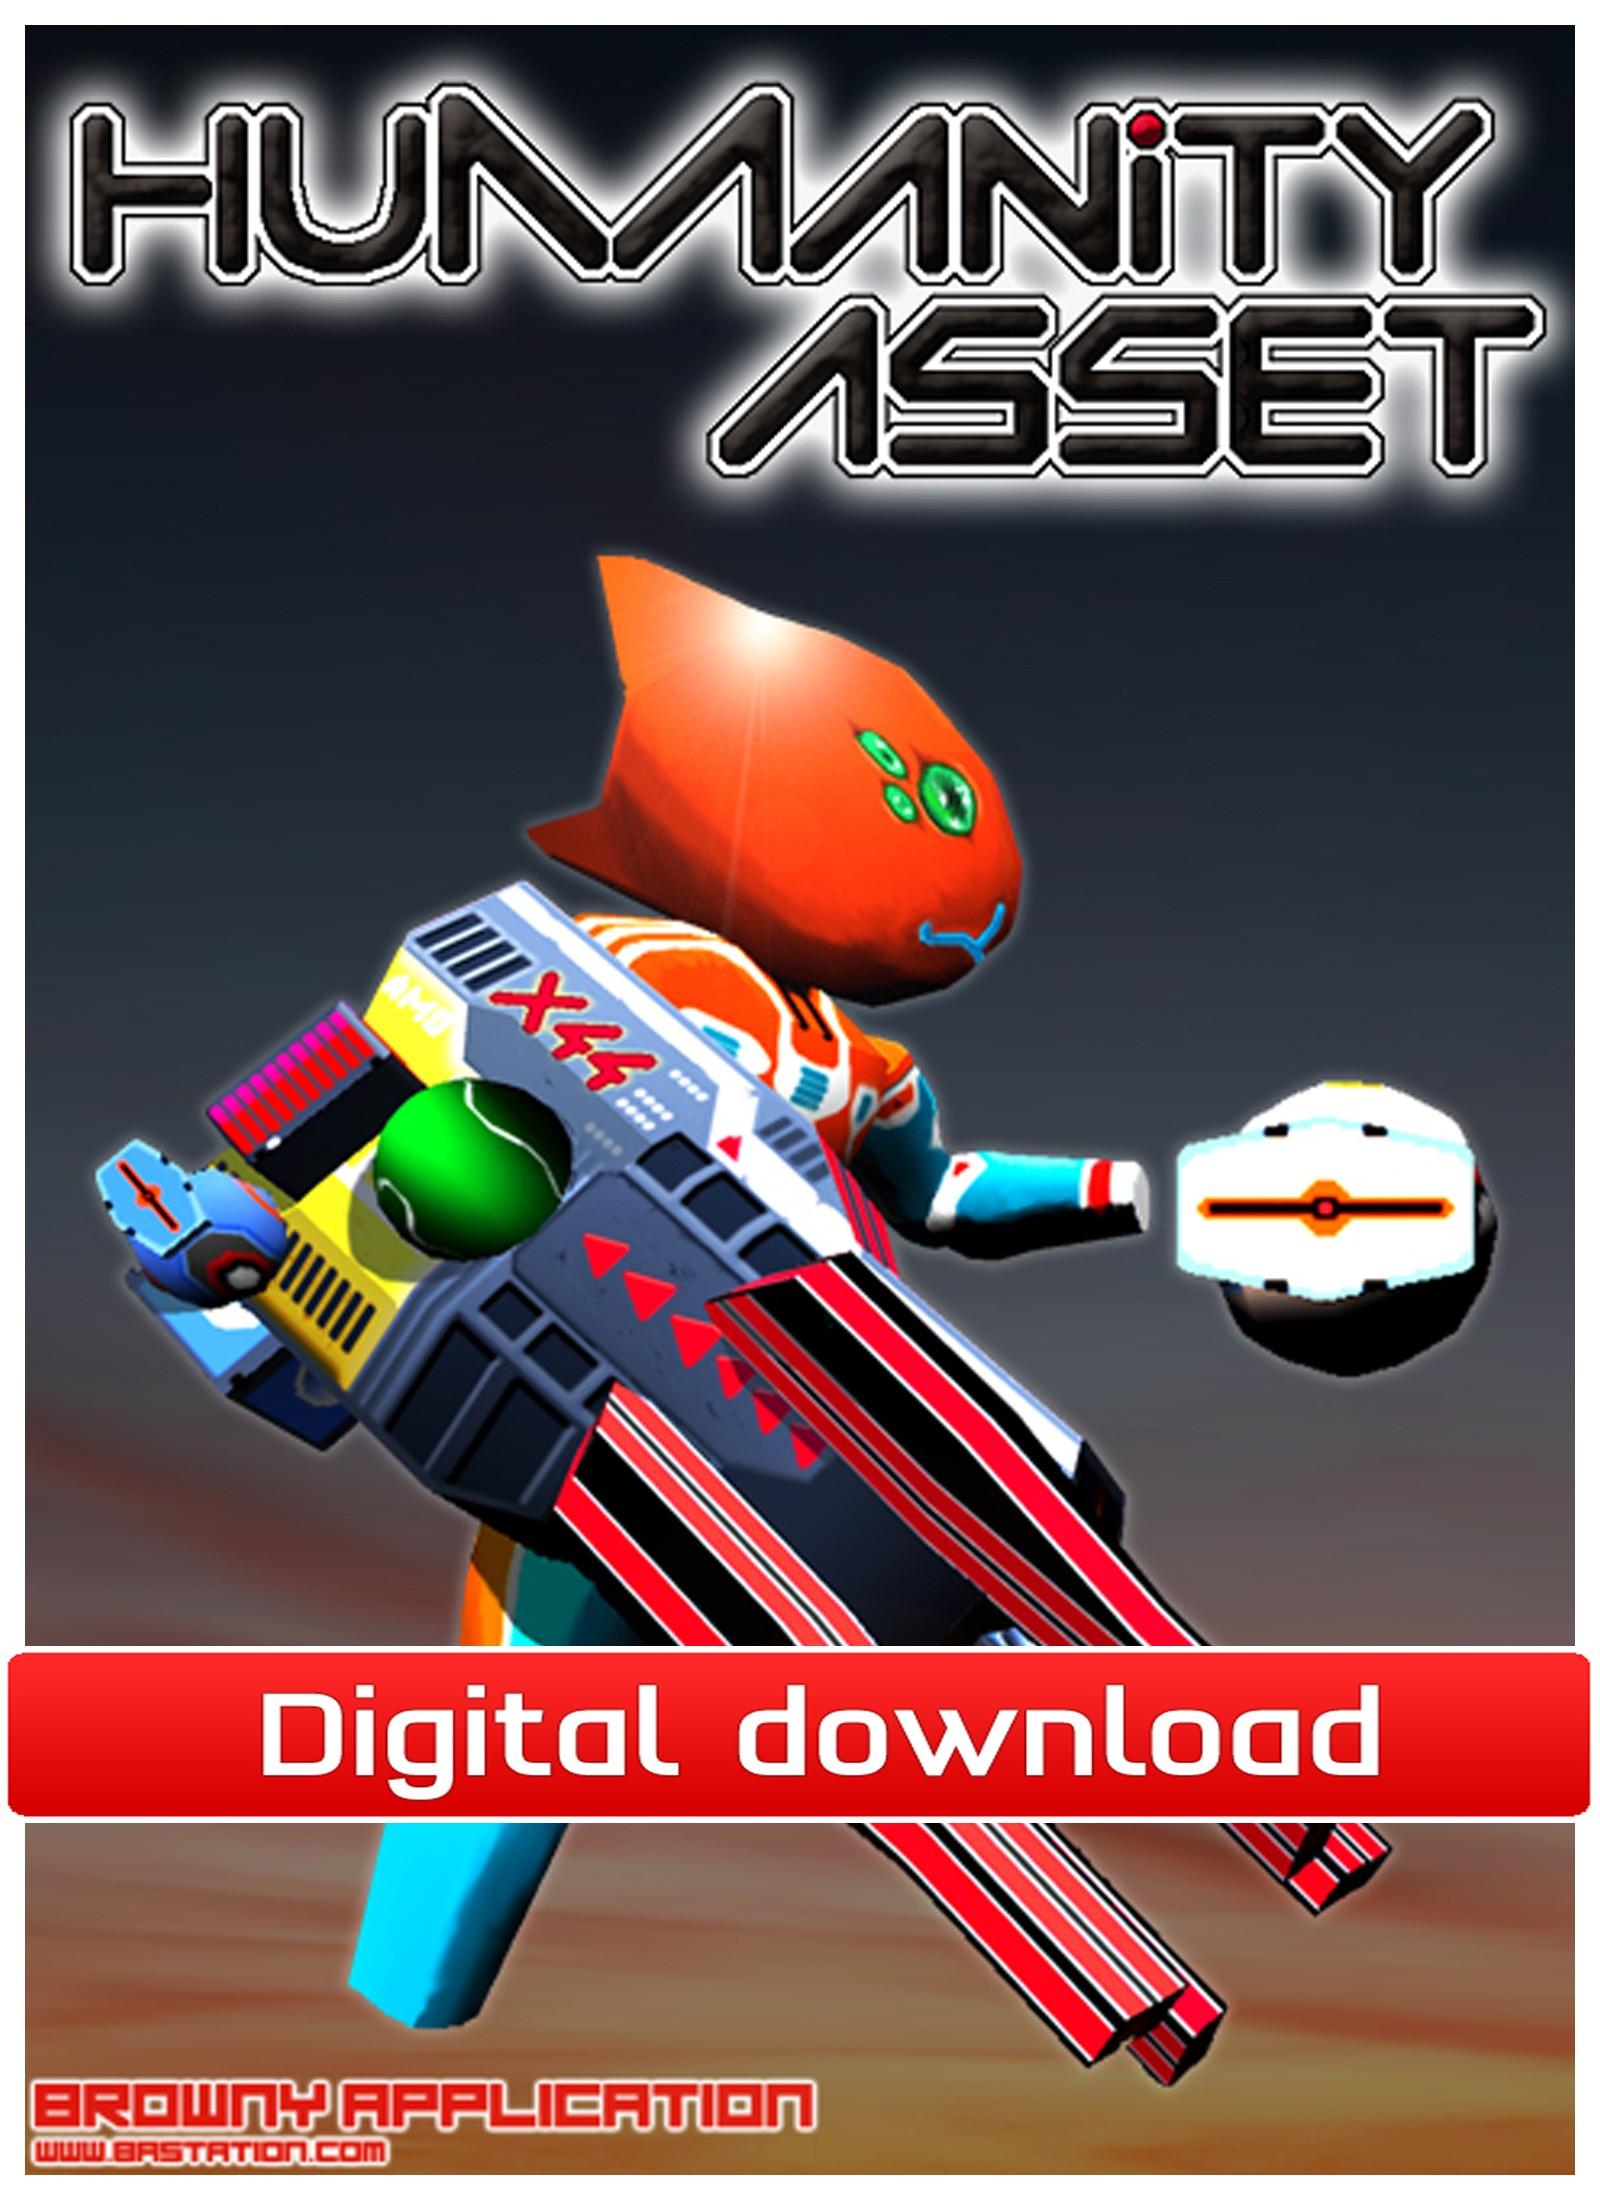 Humanity Assets (PC nedlastning) PCDD34637